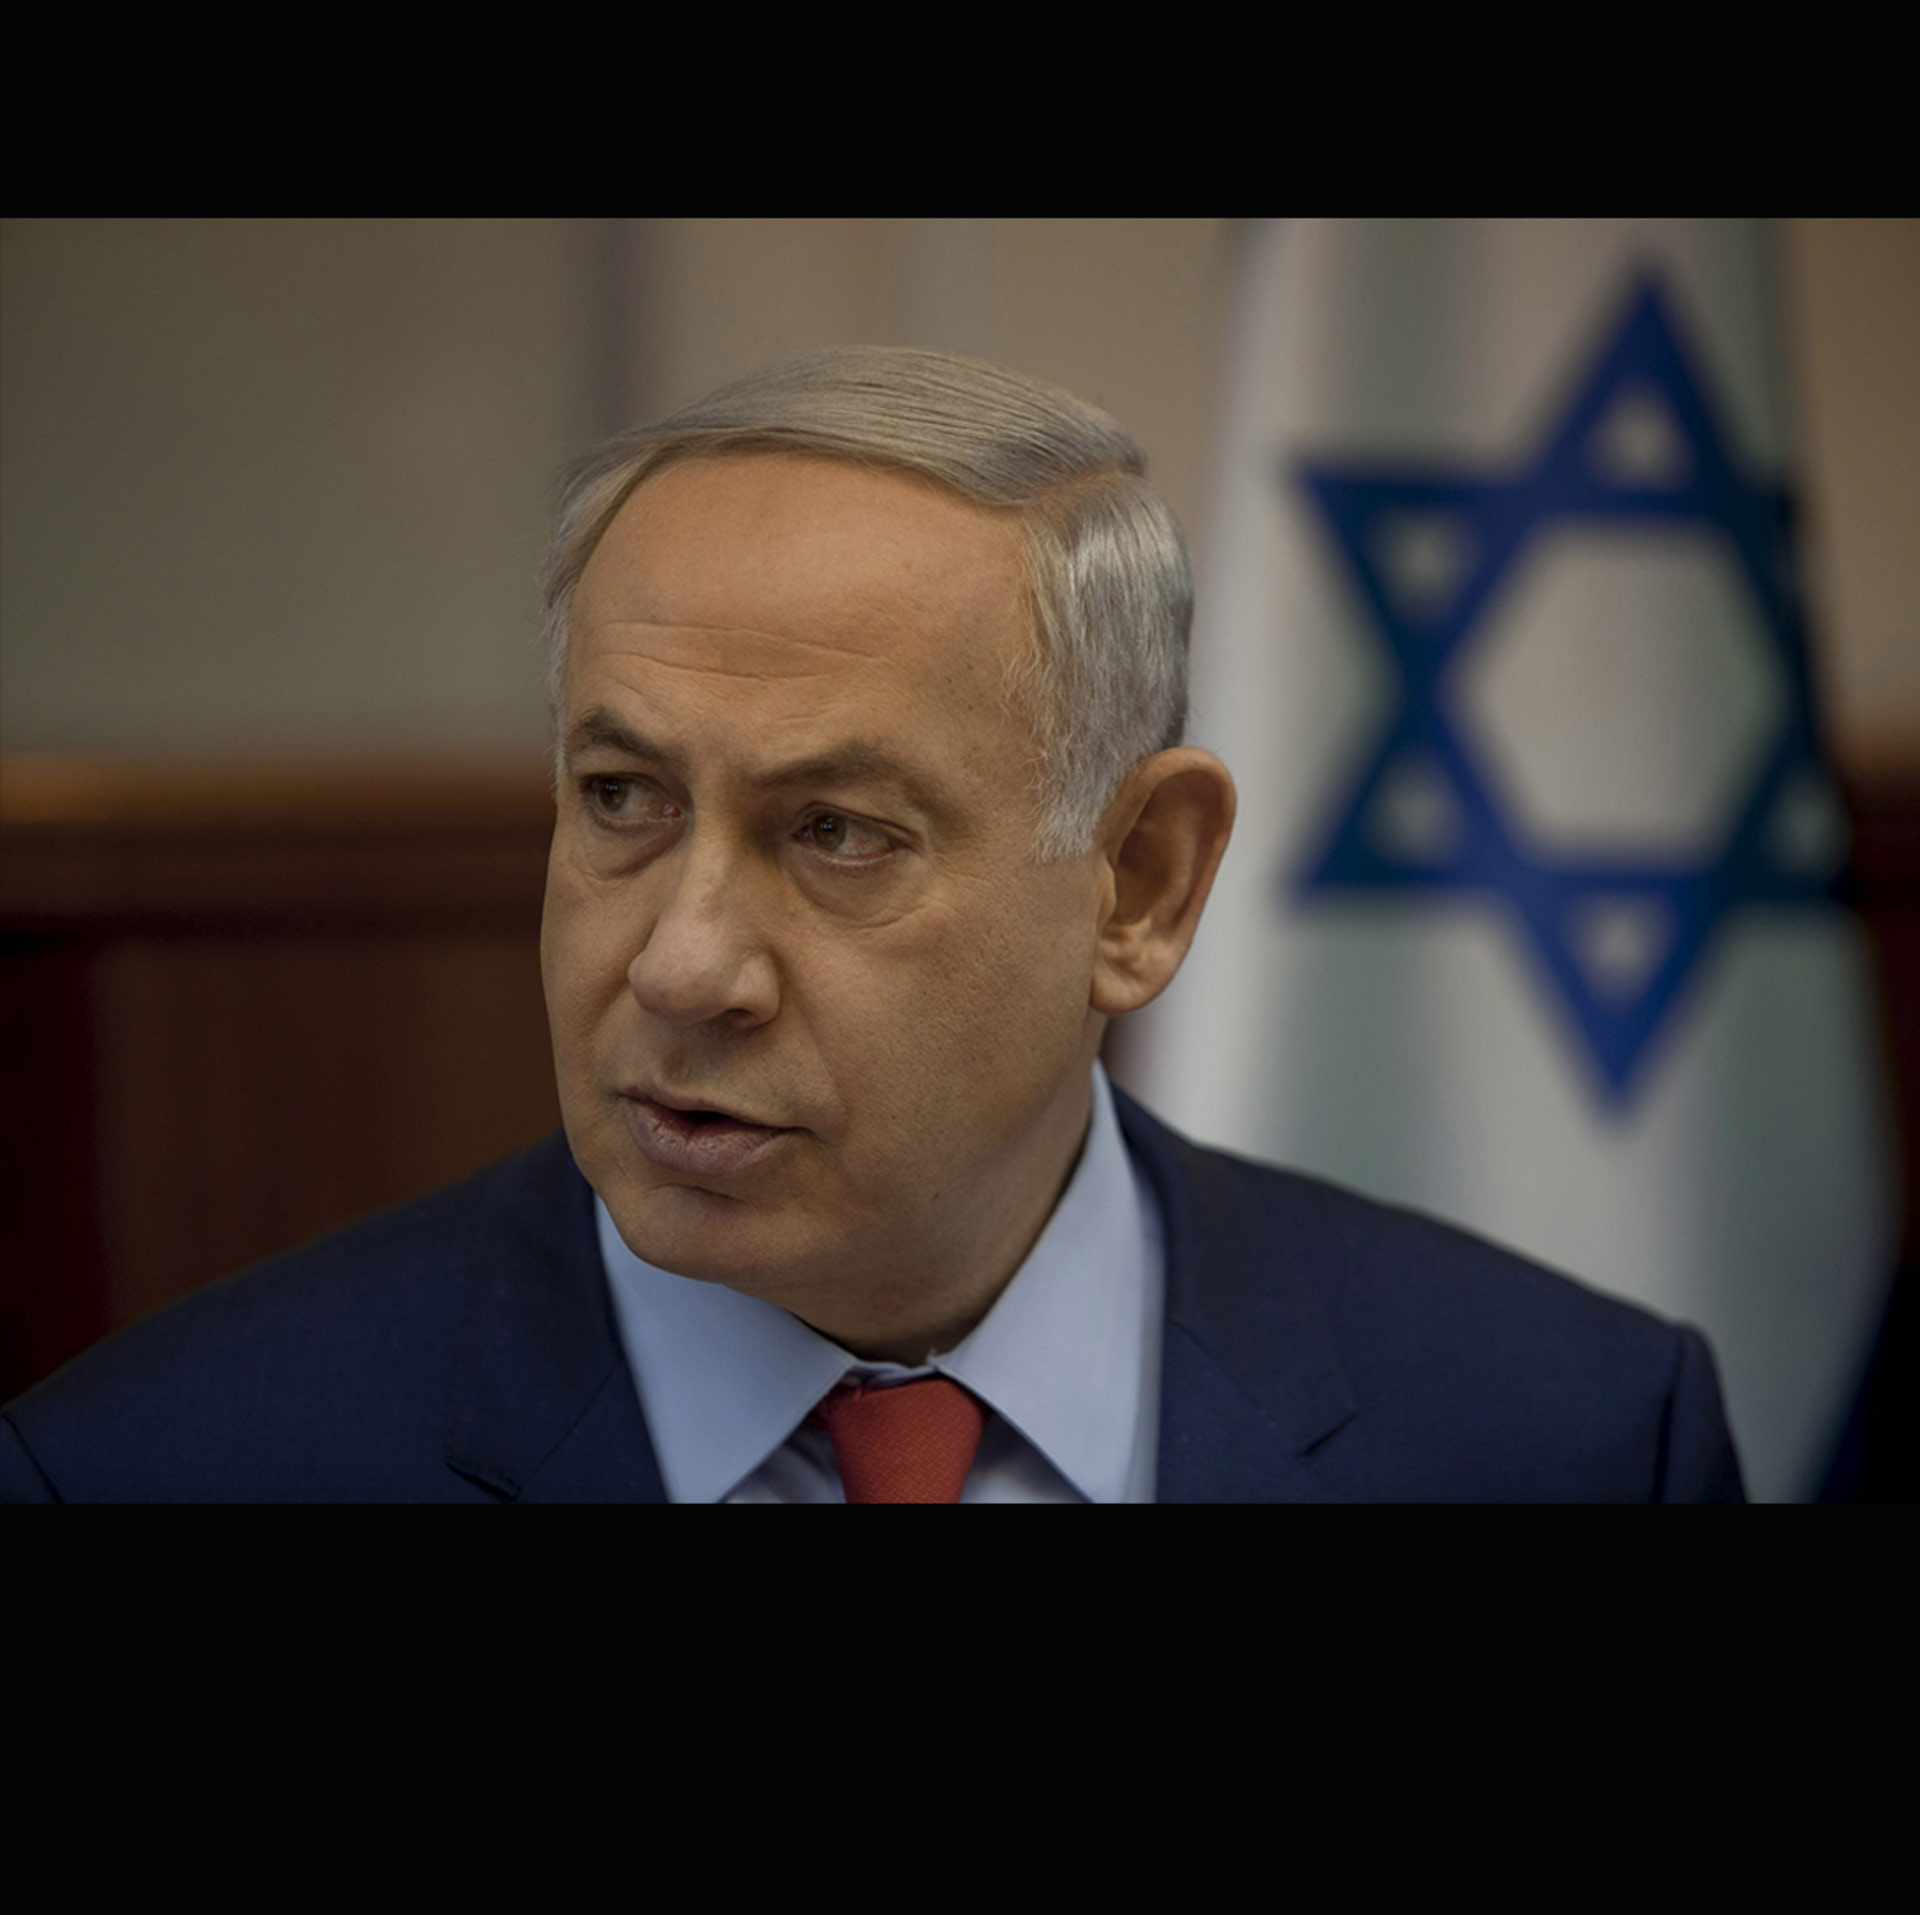 El primer ministro israelí pidió reevaluar el papel de las instituciones europeas en el proceso político con los palestinos